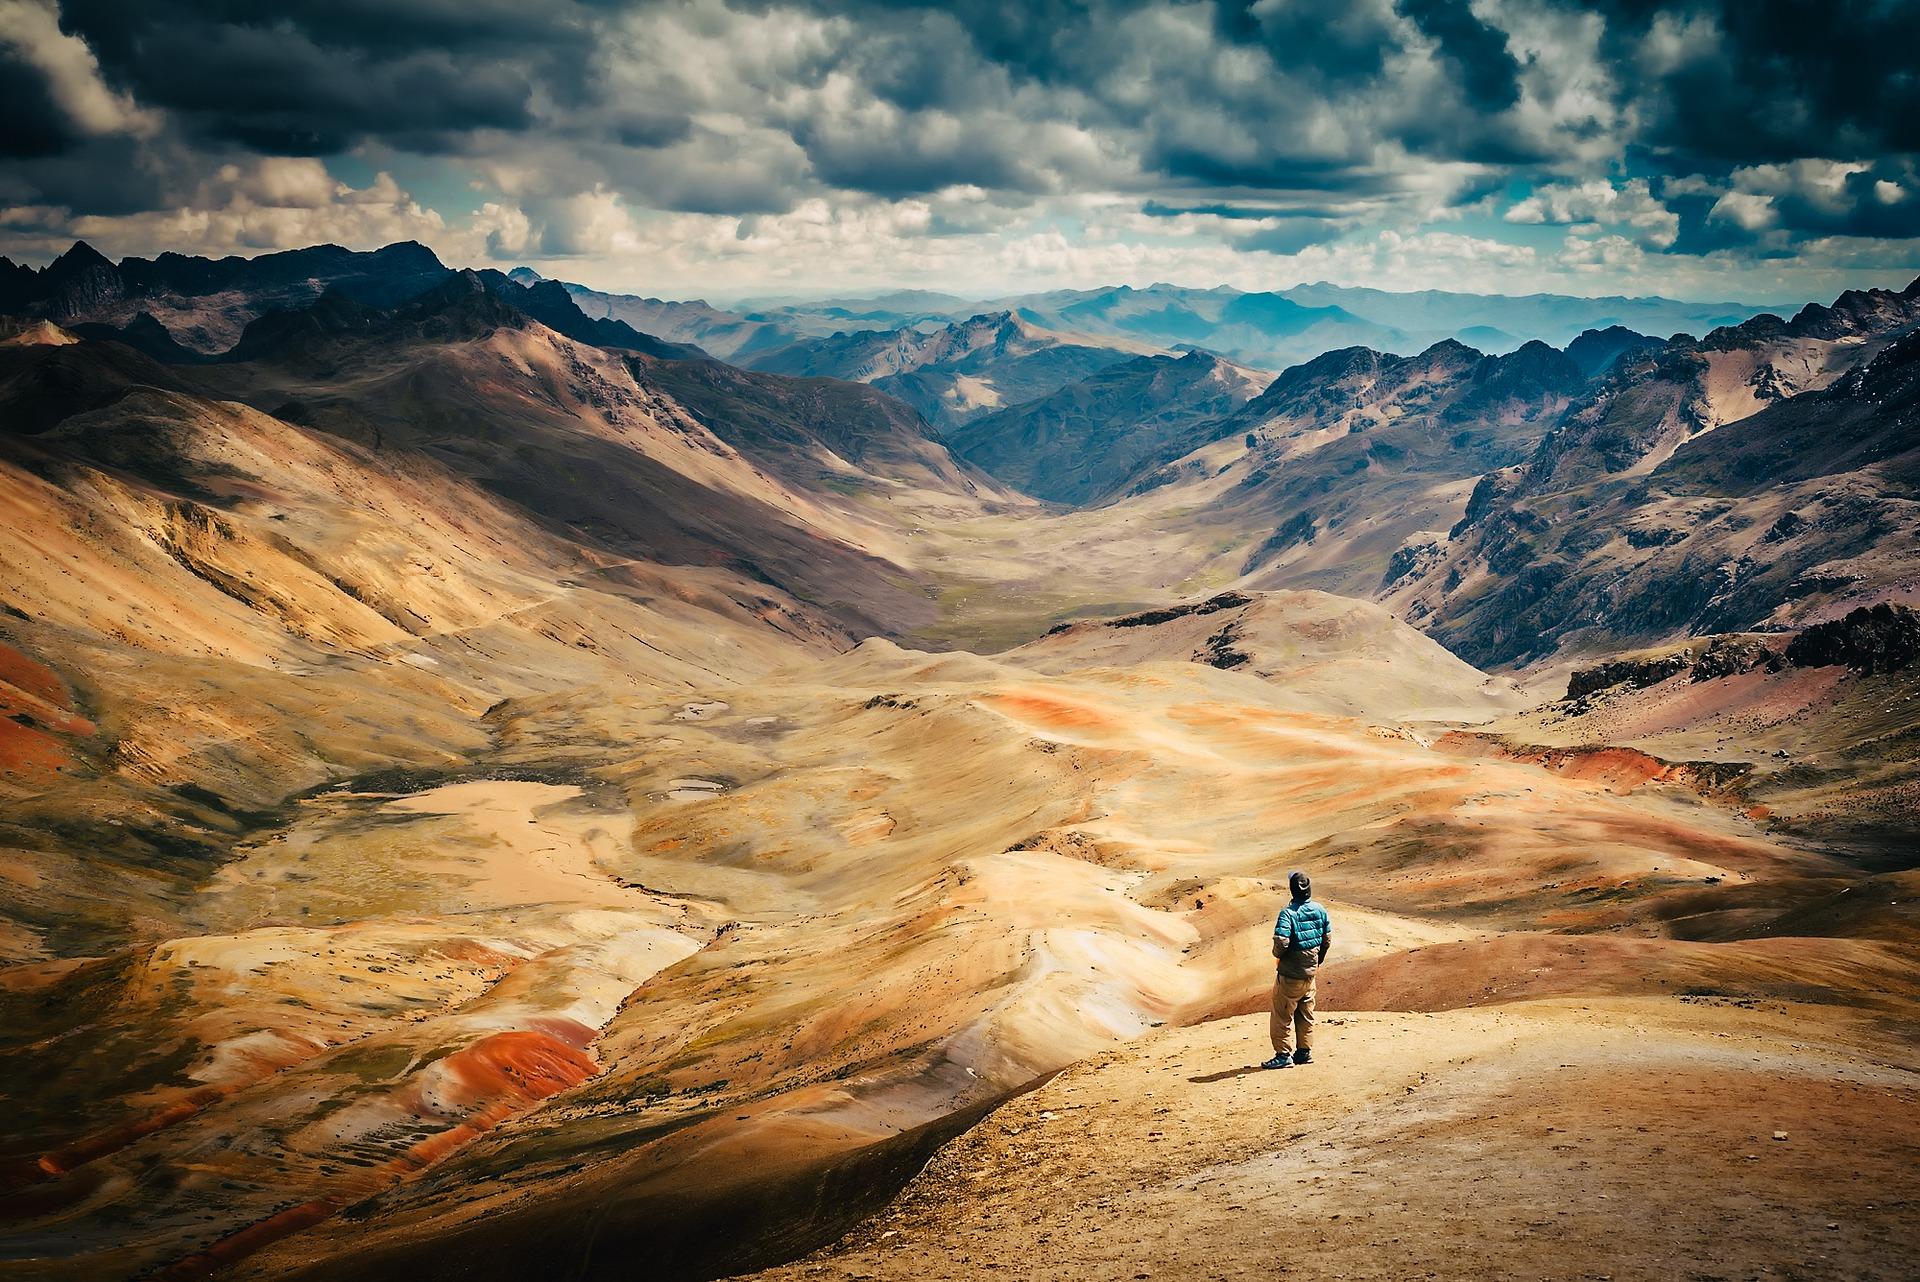 Trilha da Montanha 7 cores ou Montanha Arco Iris